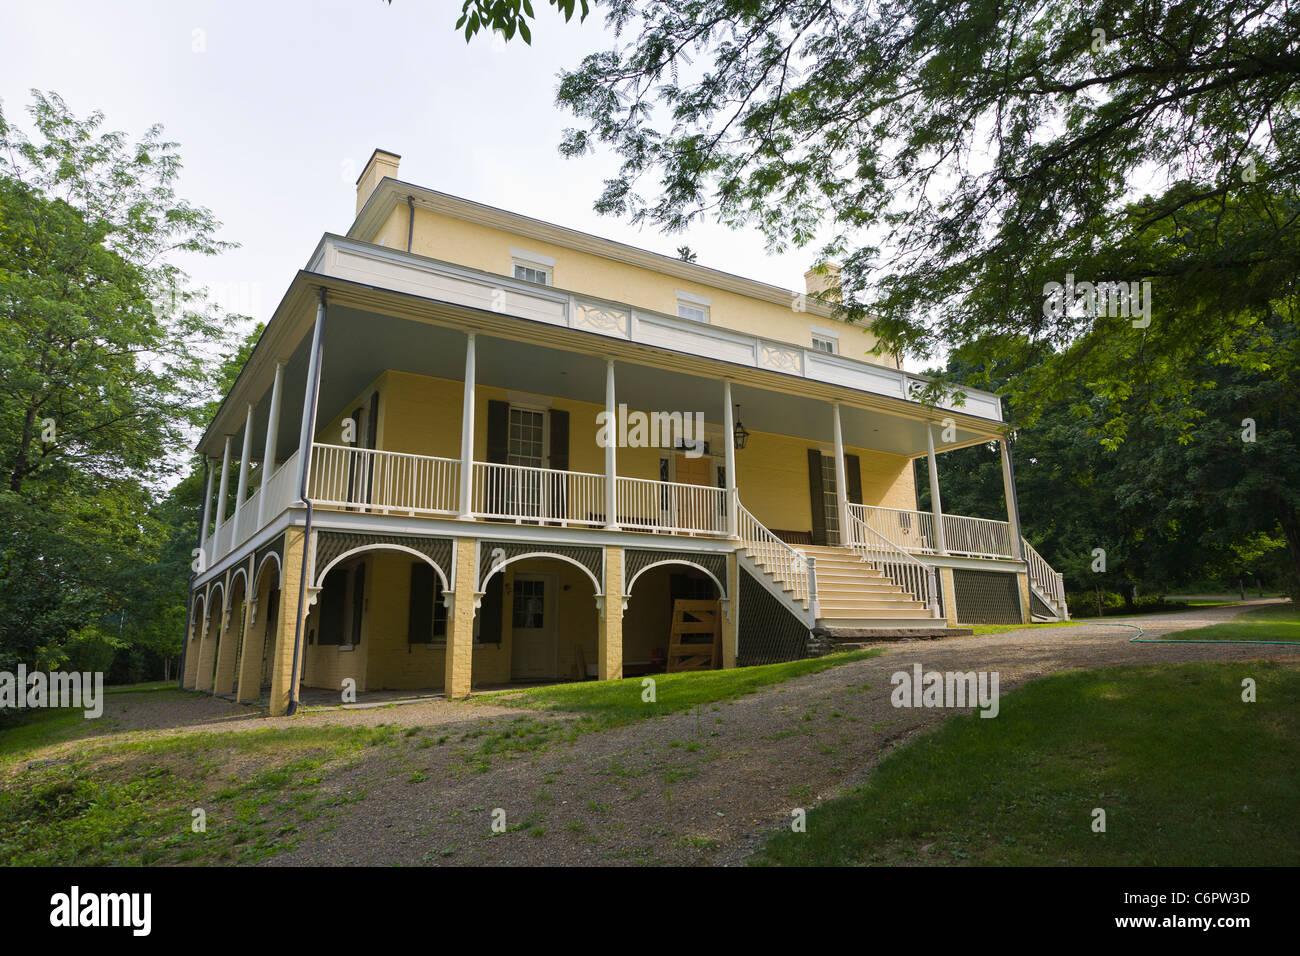 grove house stock photos & grove house stock images - alamy